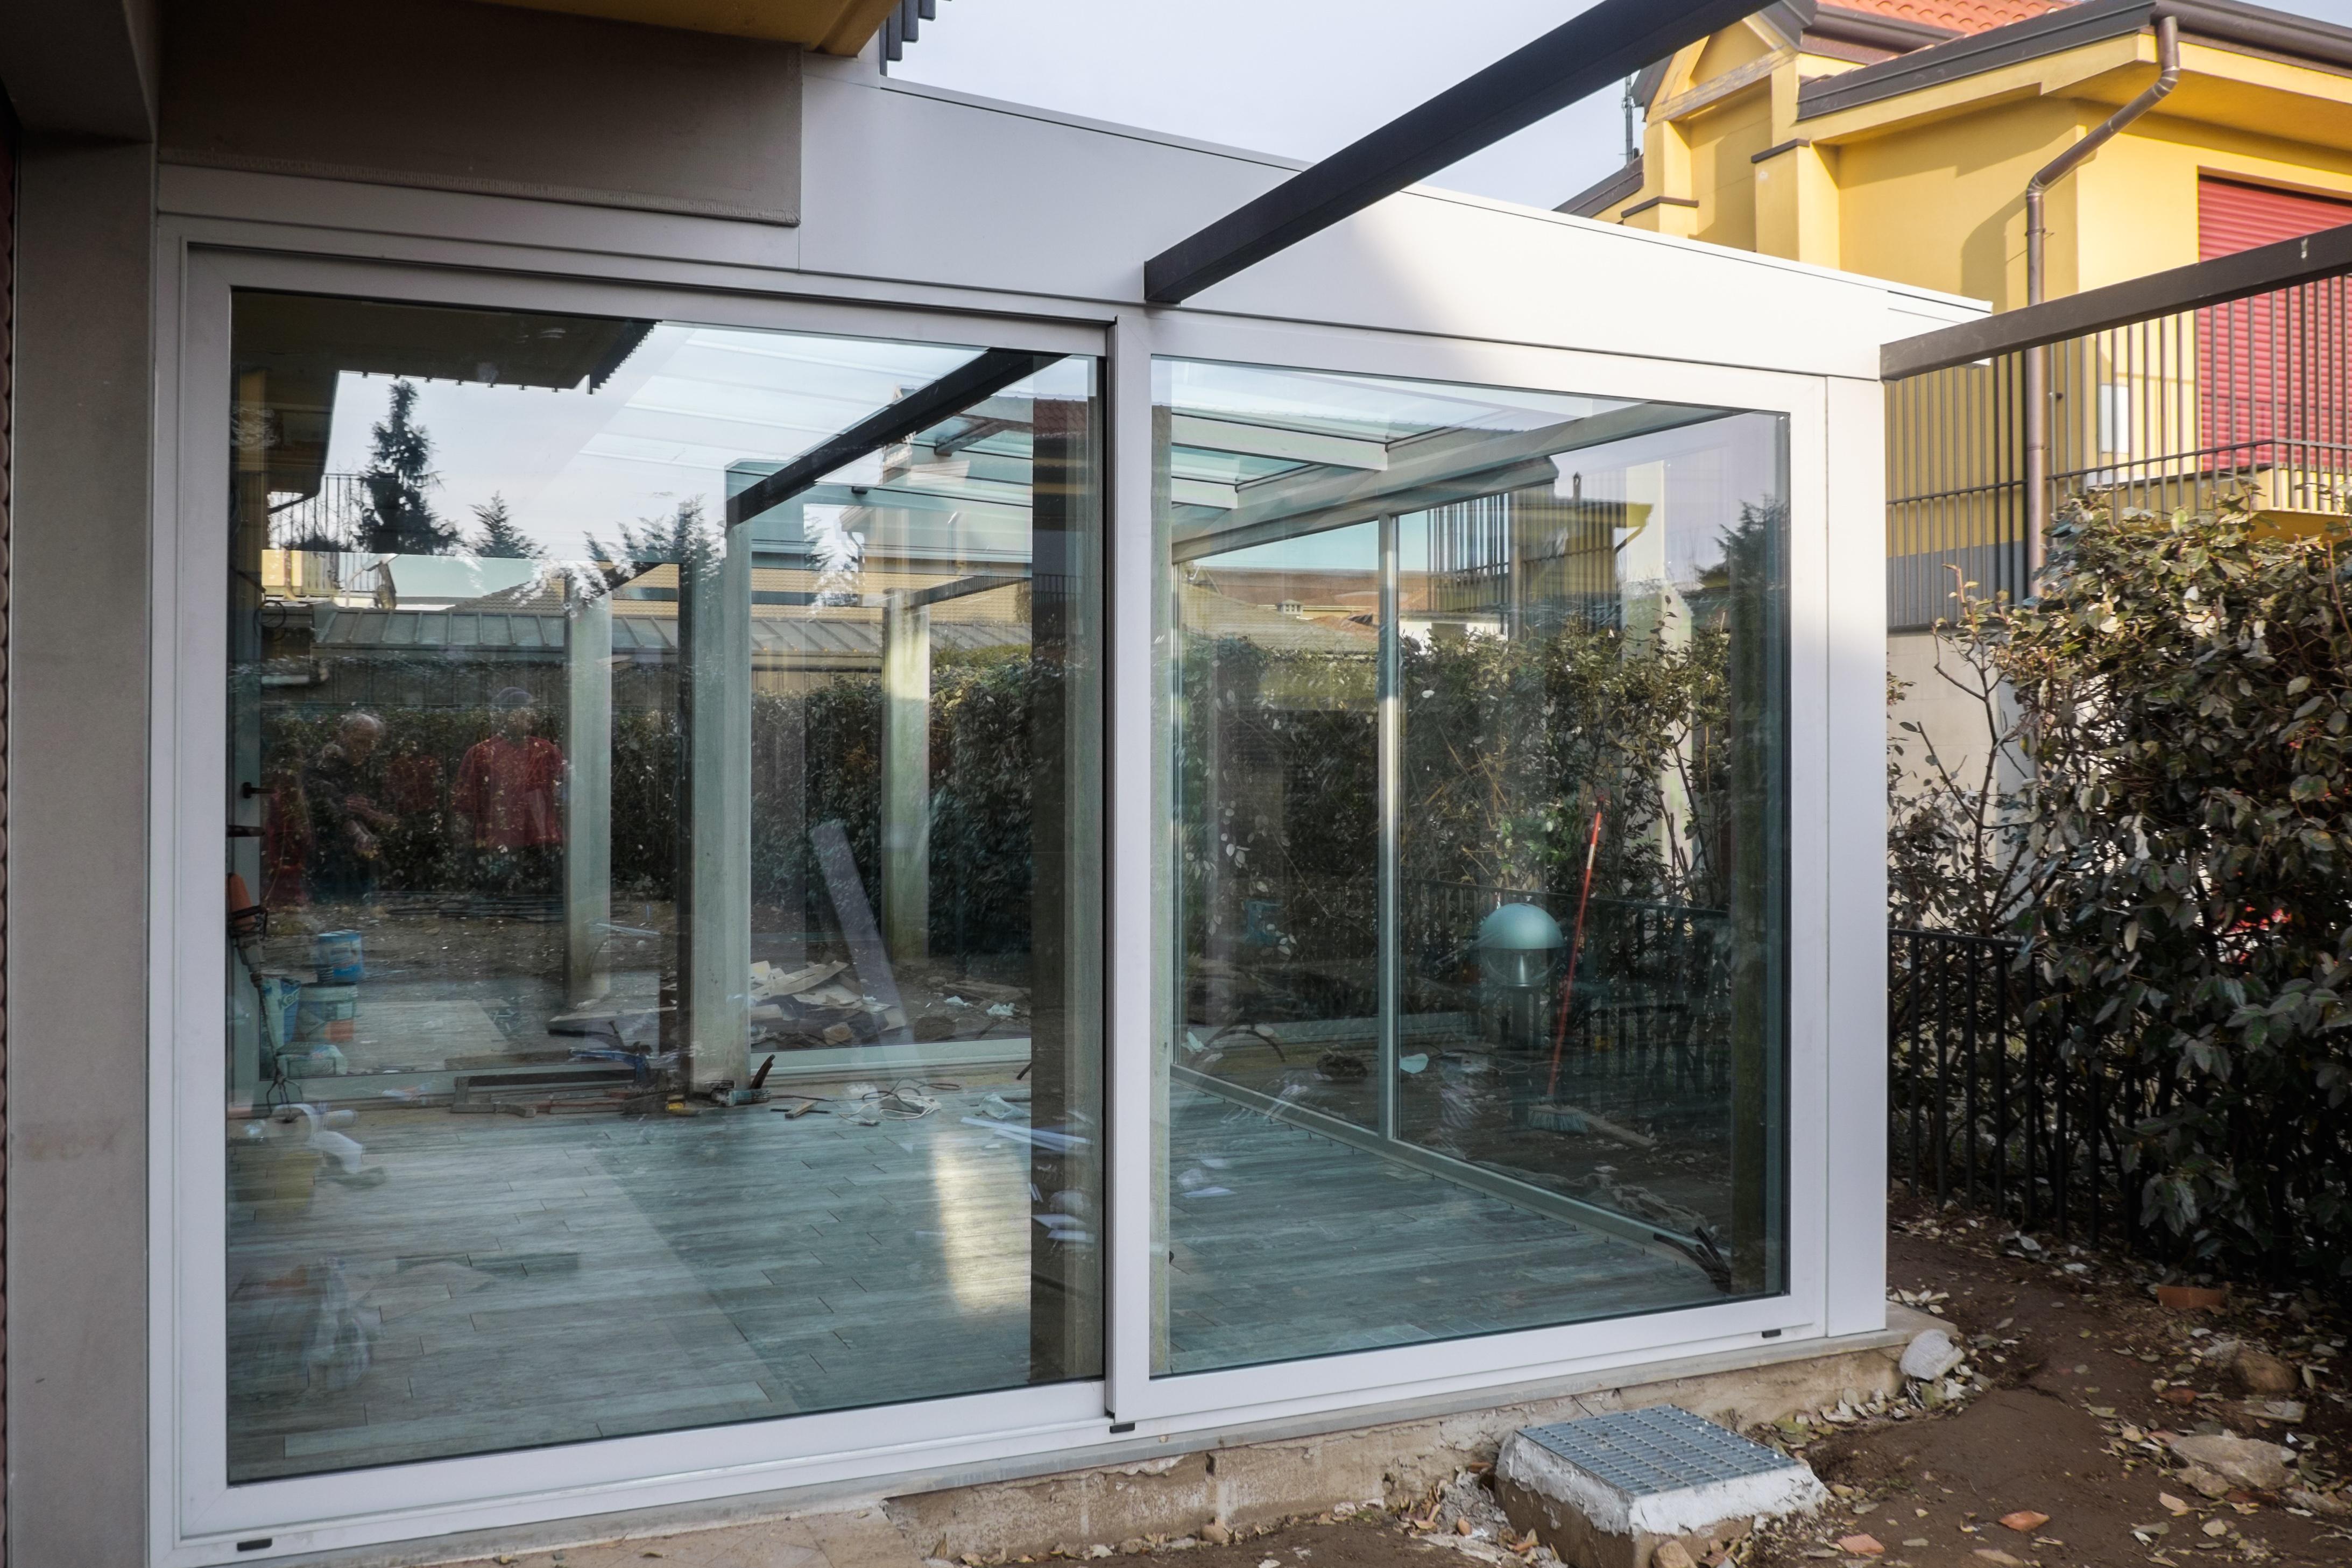 Portftolio foto verande italia - Verande giardino d inverno ...